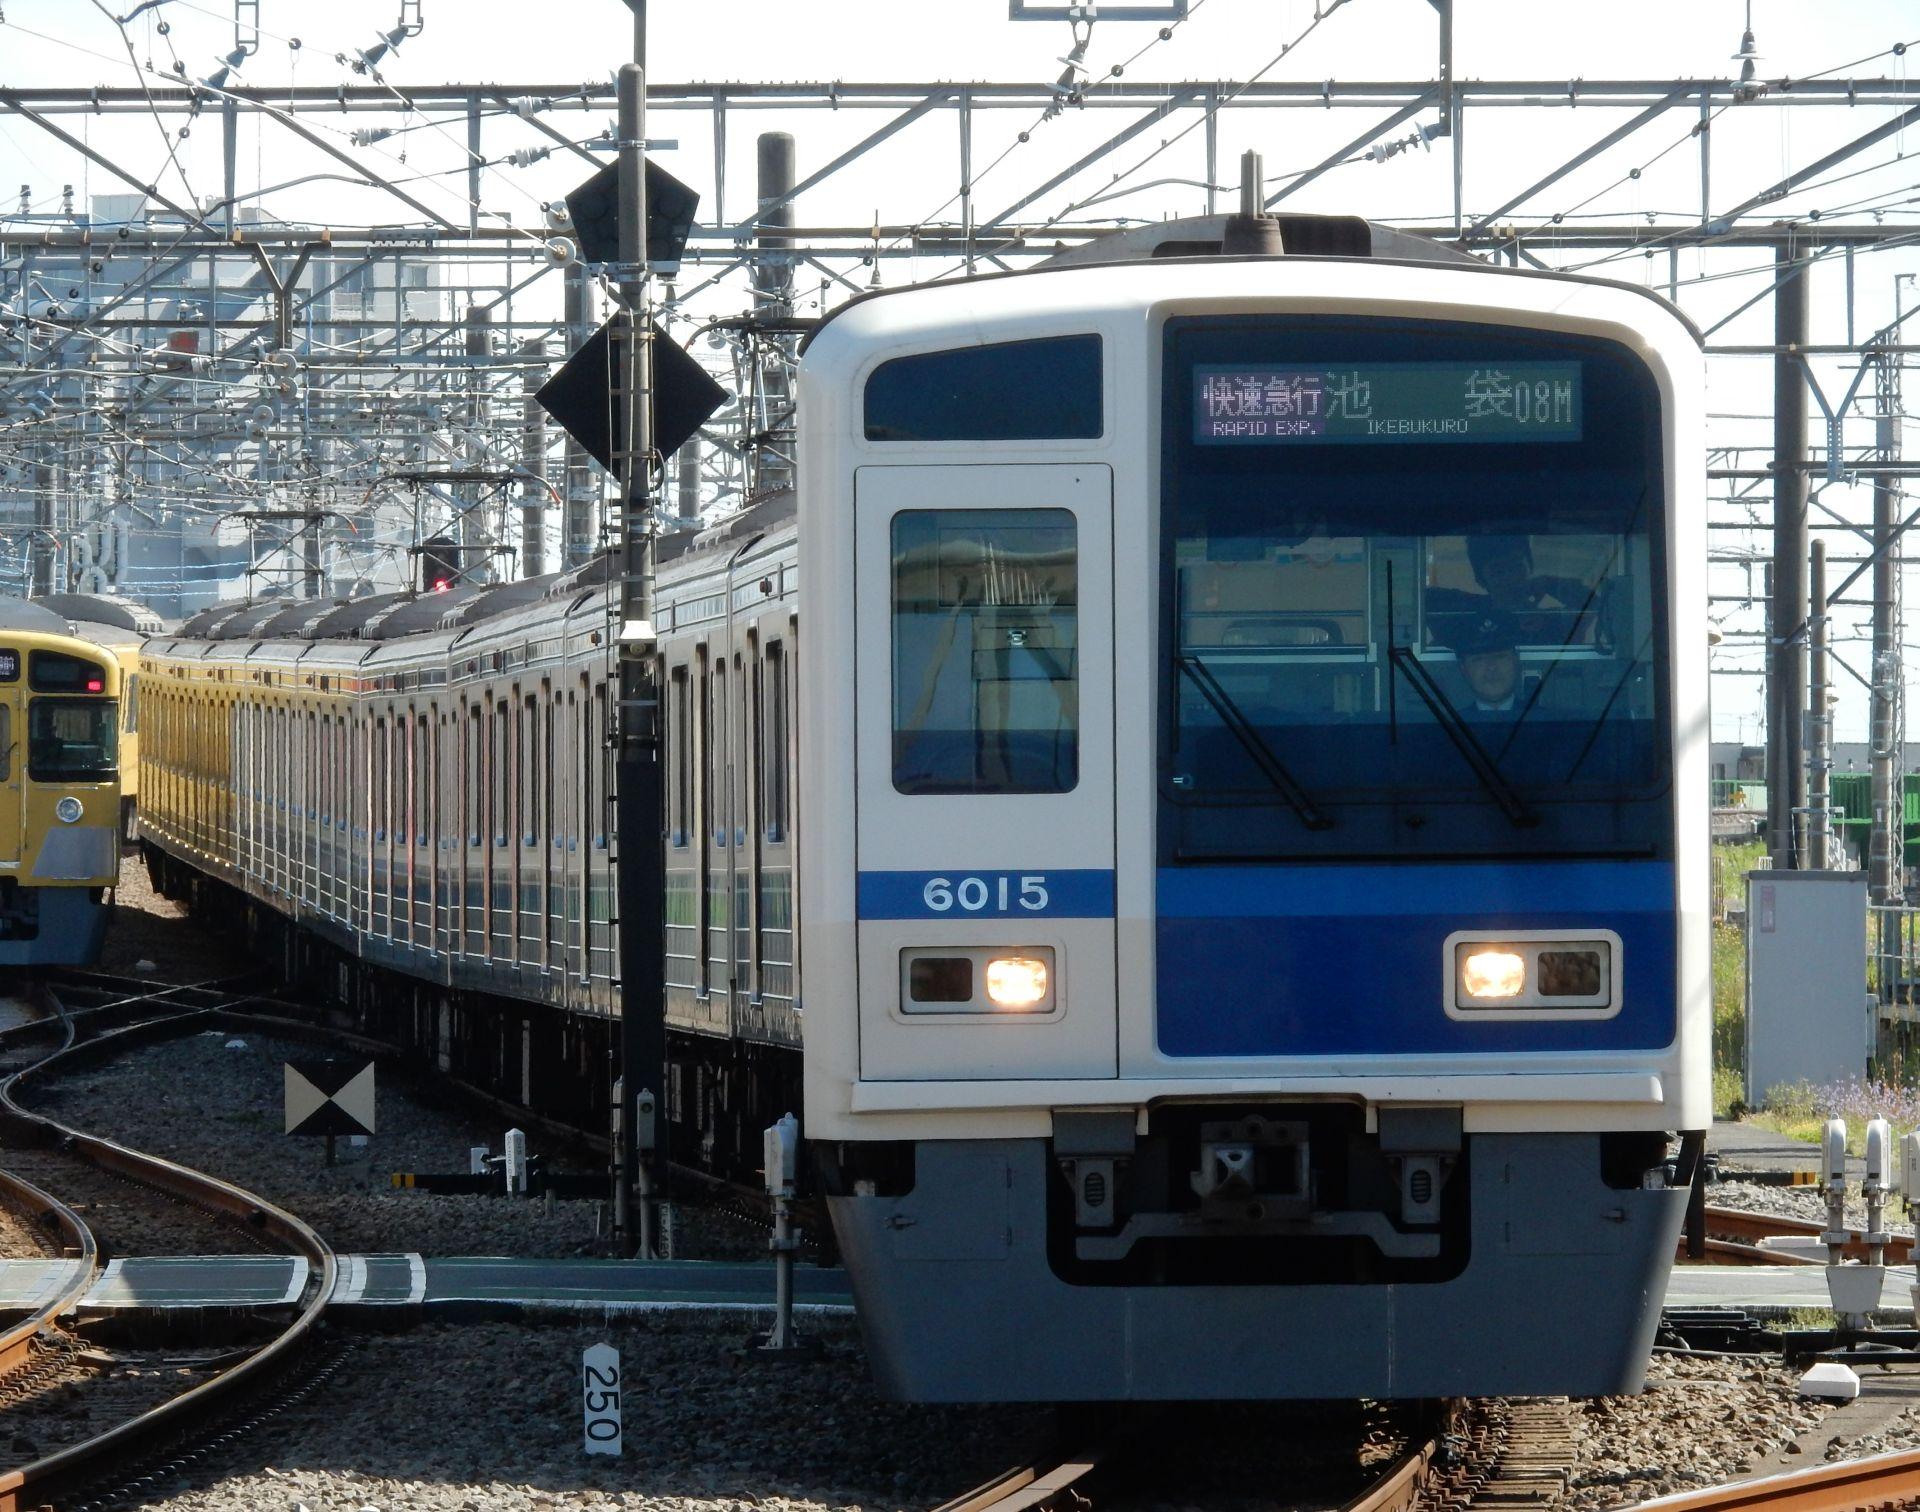 DSCN7755 - コピー